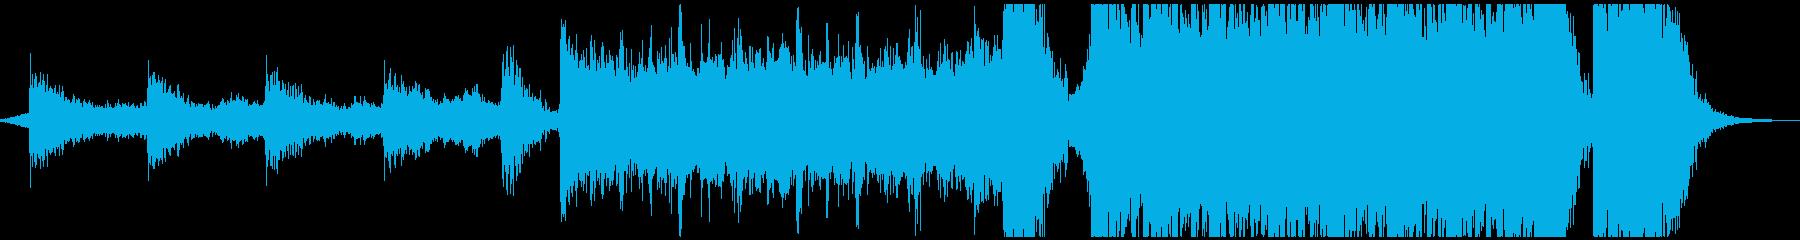 Damage IIの再生済みの波形